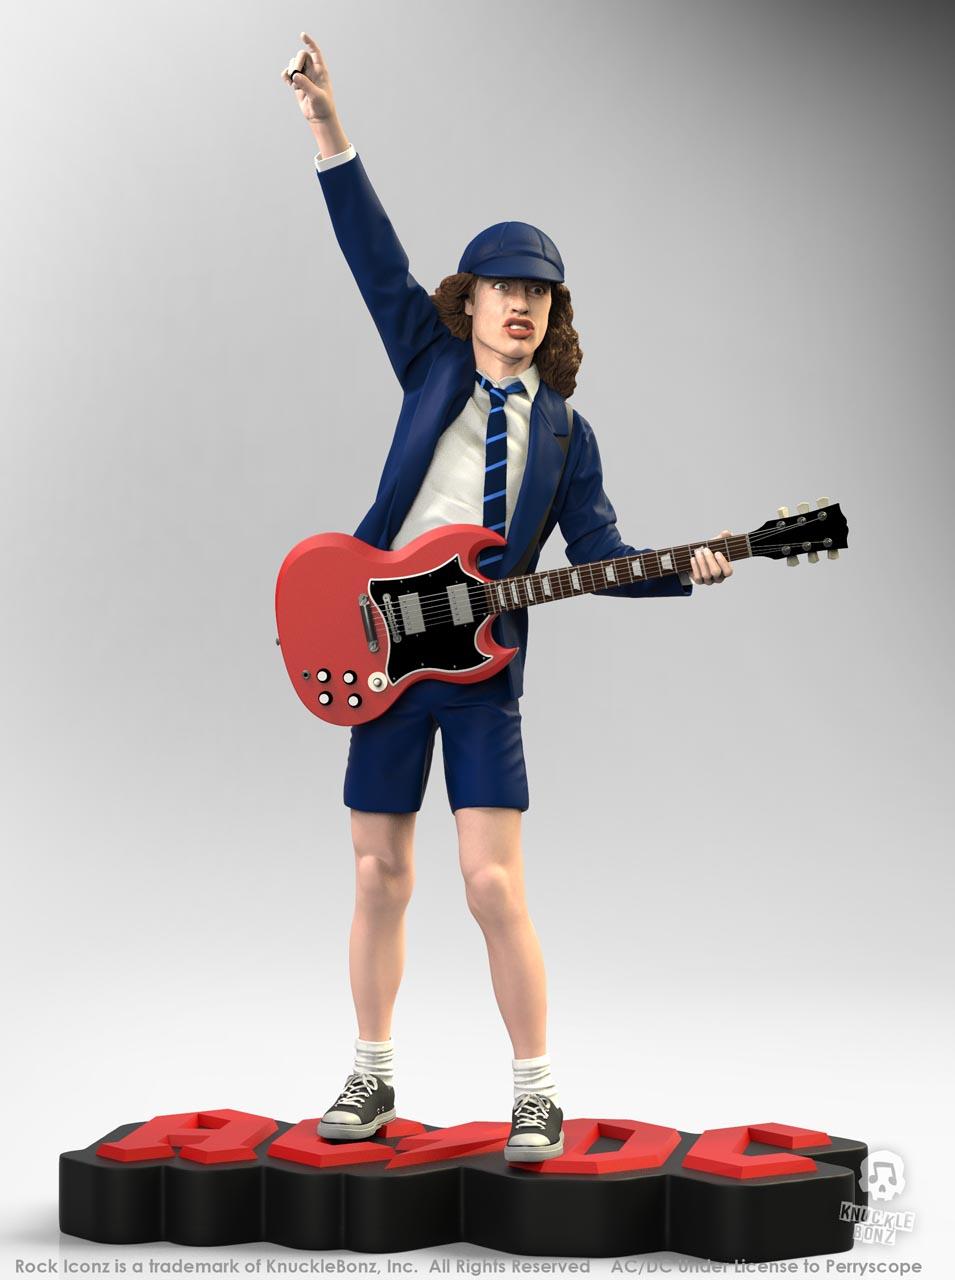 La nouvelle statue d'ANGUS YOUNG 'Rock Iconz' bientôt disponible Angus-13